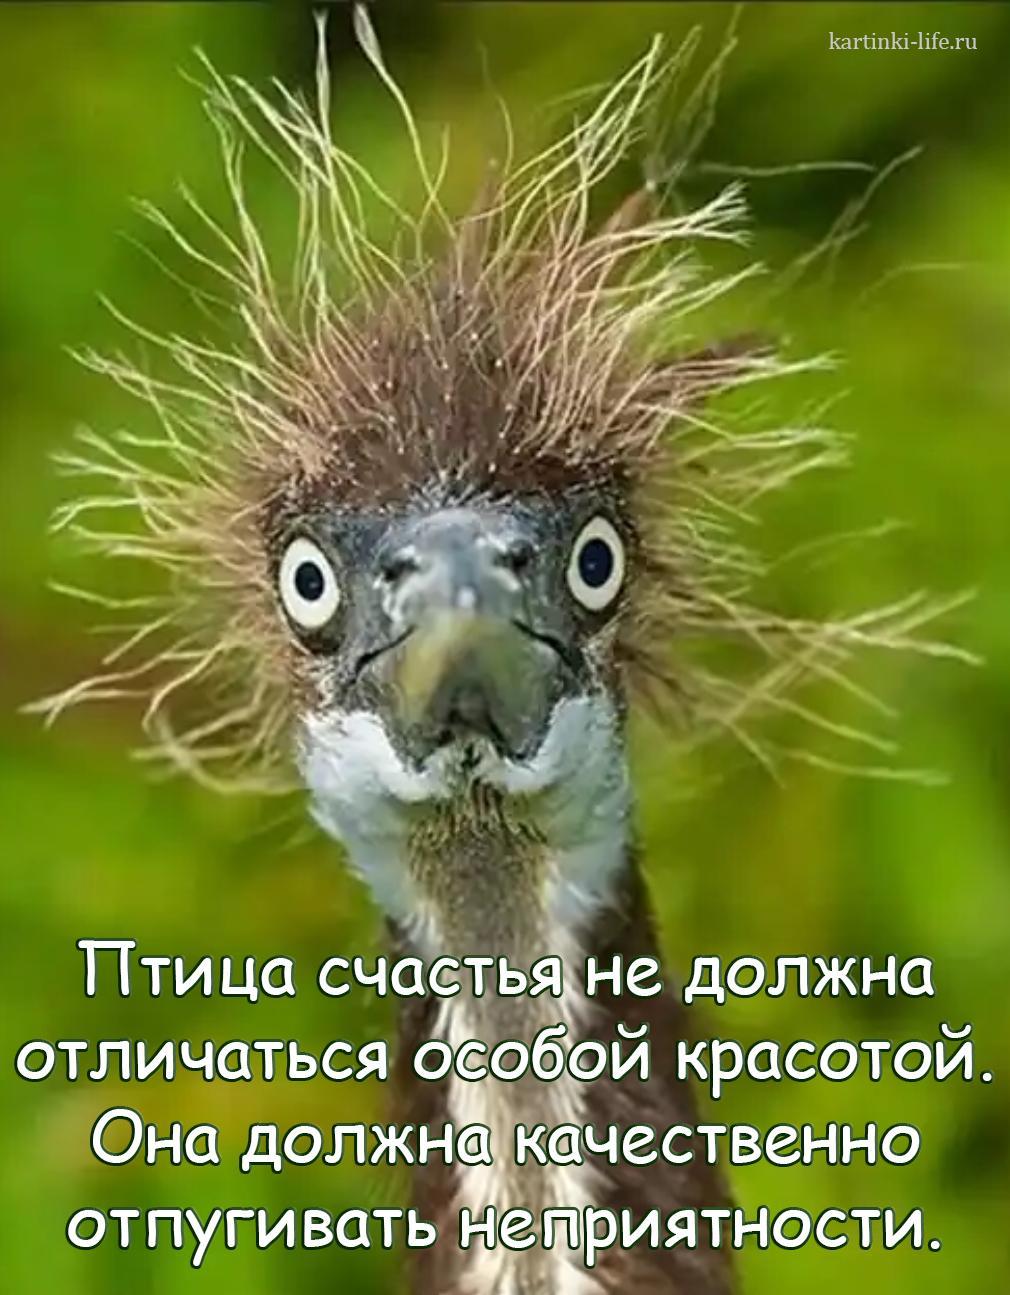 Птица счастья не должна отличаться особой красотой. Она должна качественно отпугивать неприятности.